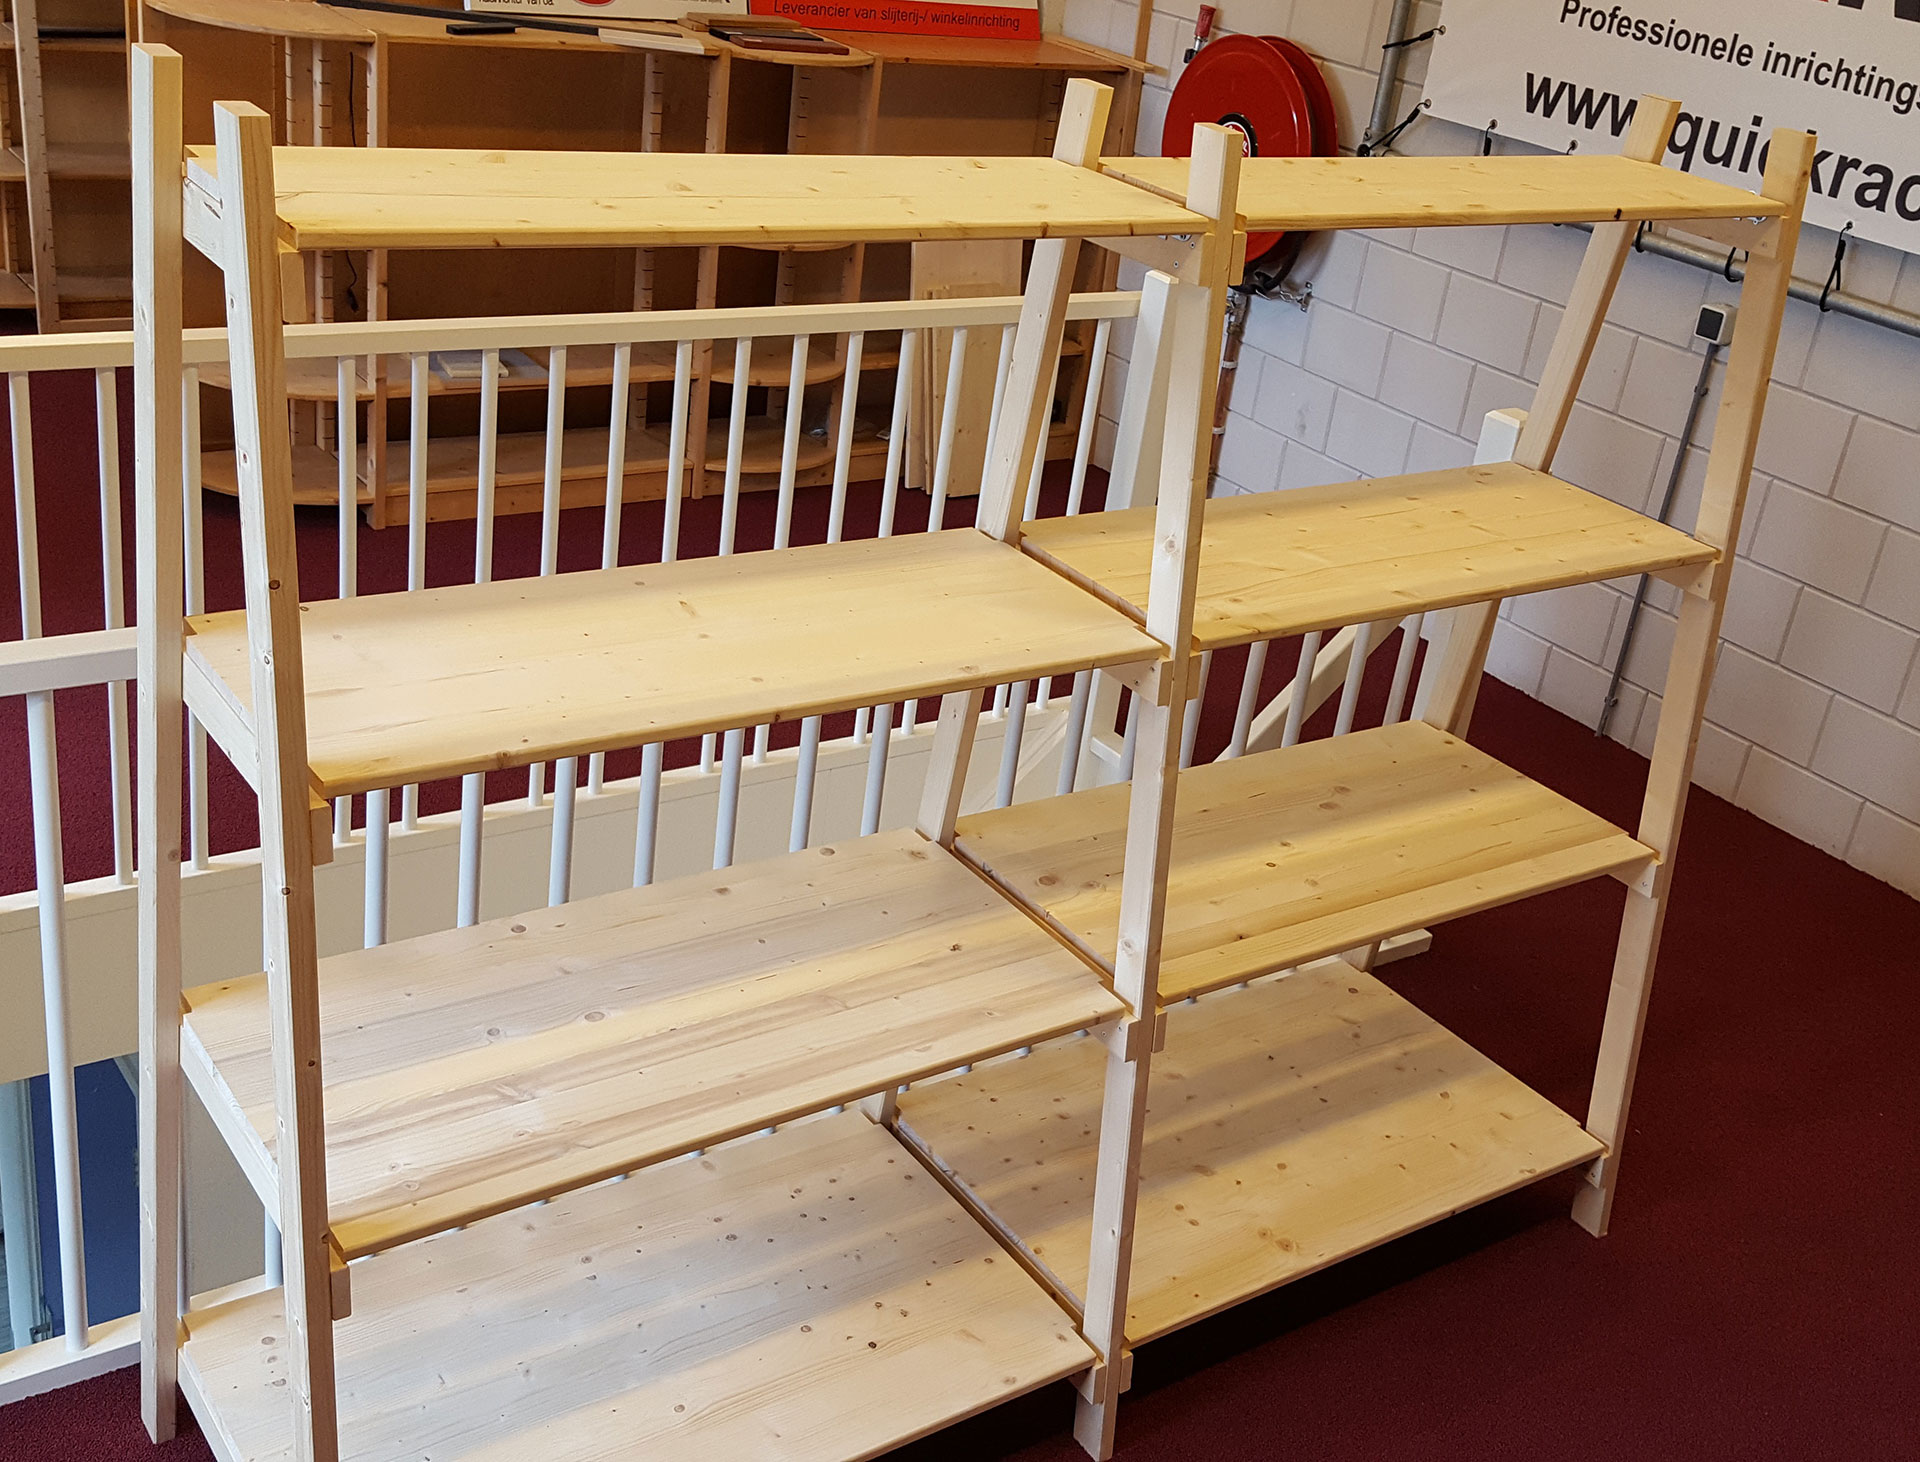 producent van houten stellingen